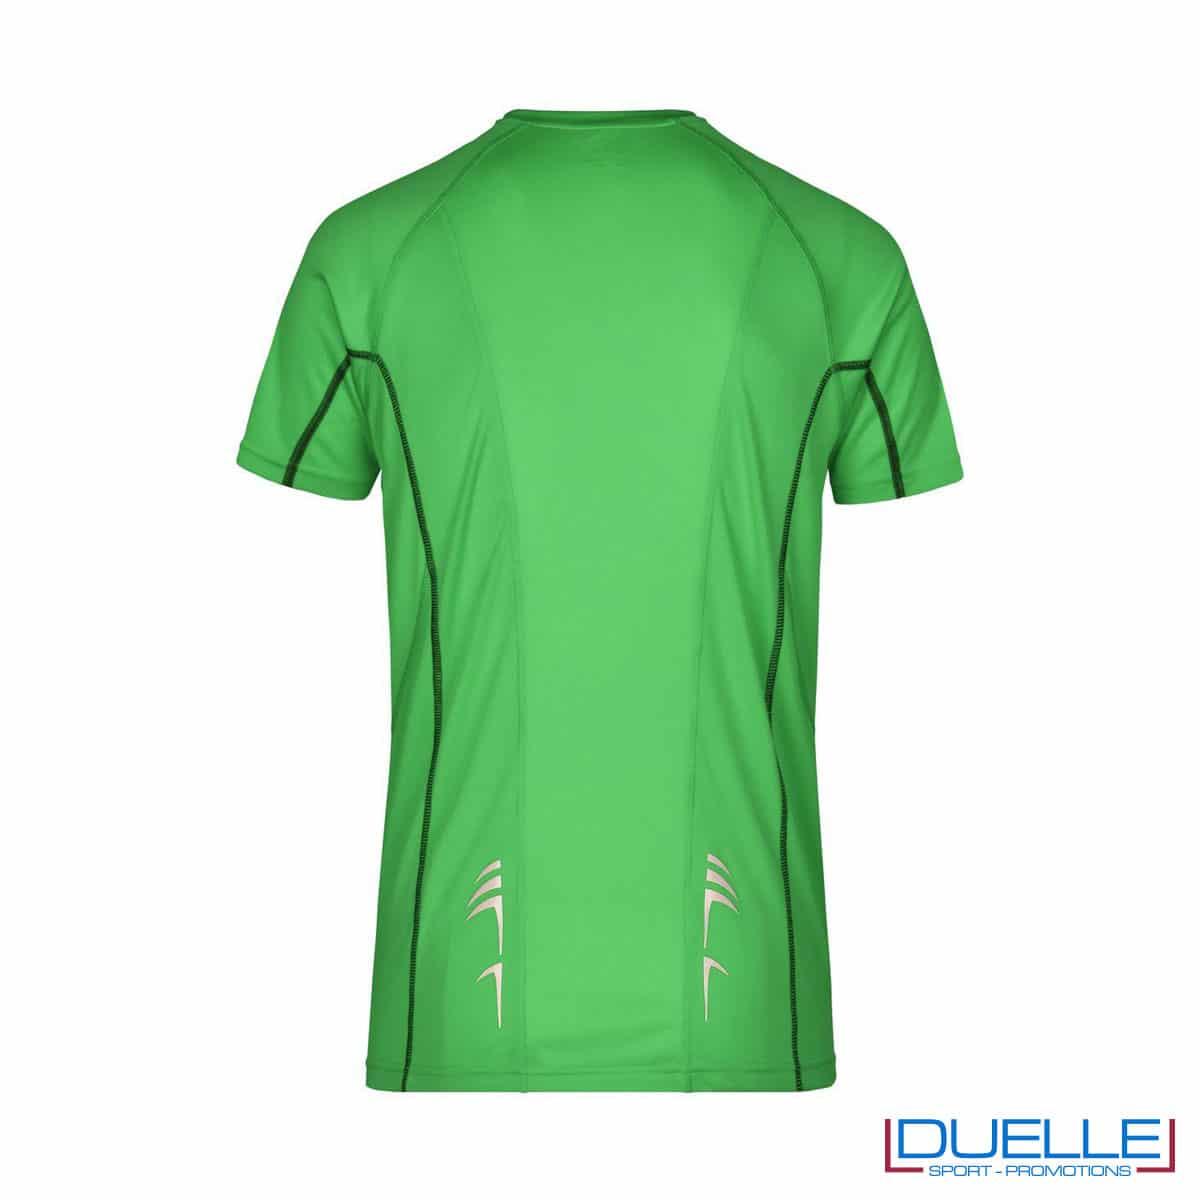 Retro maglia running Coolmax uomo colore verde personalizzata